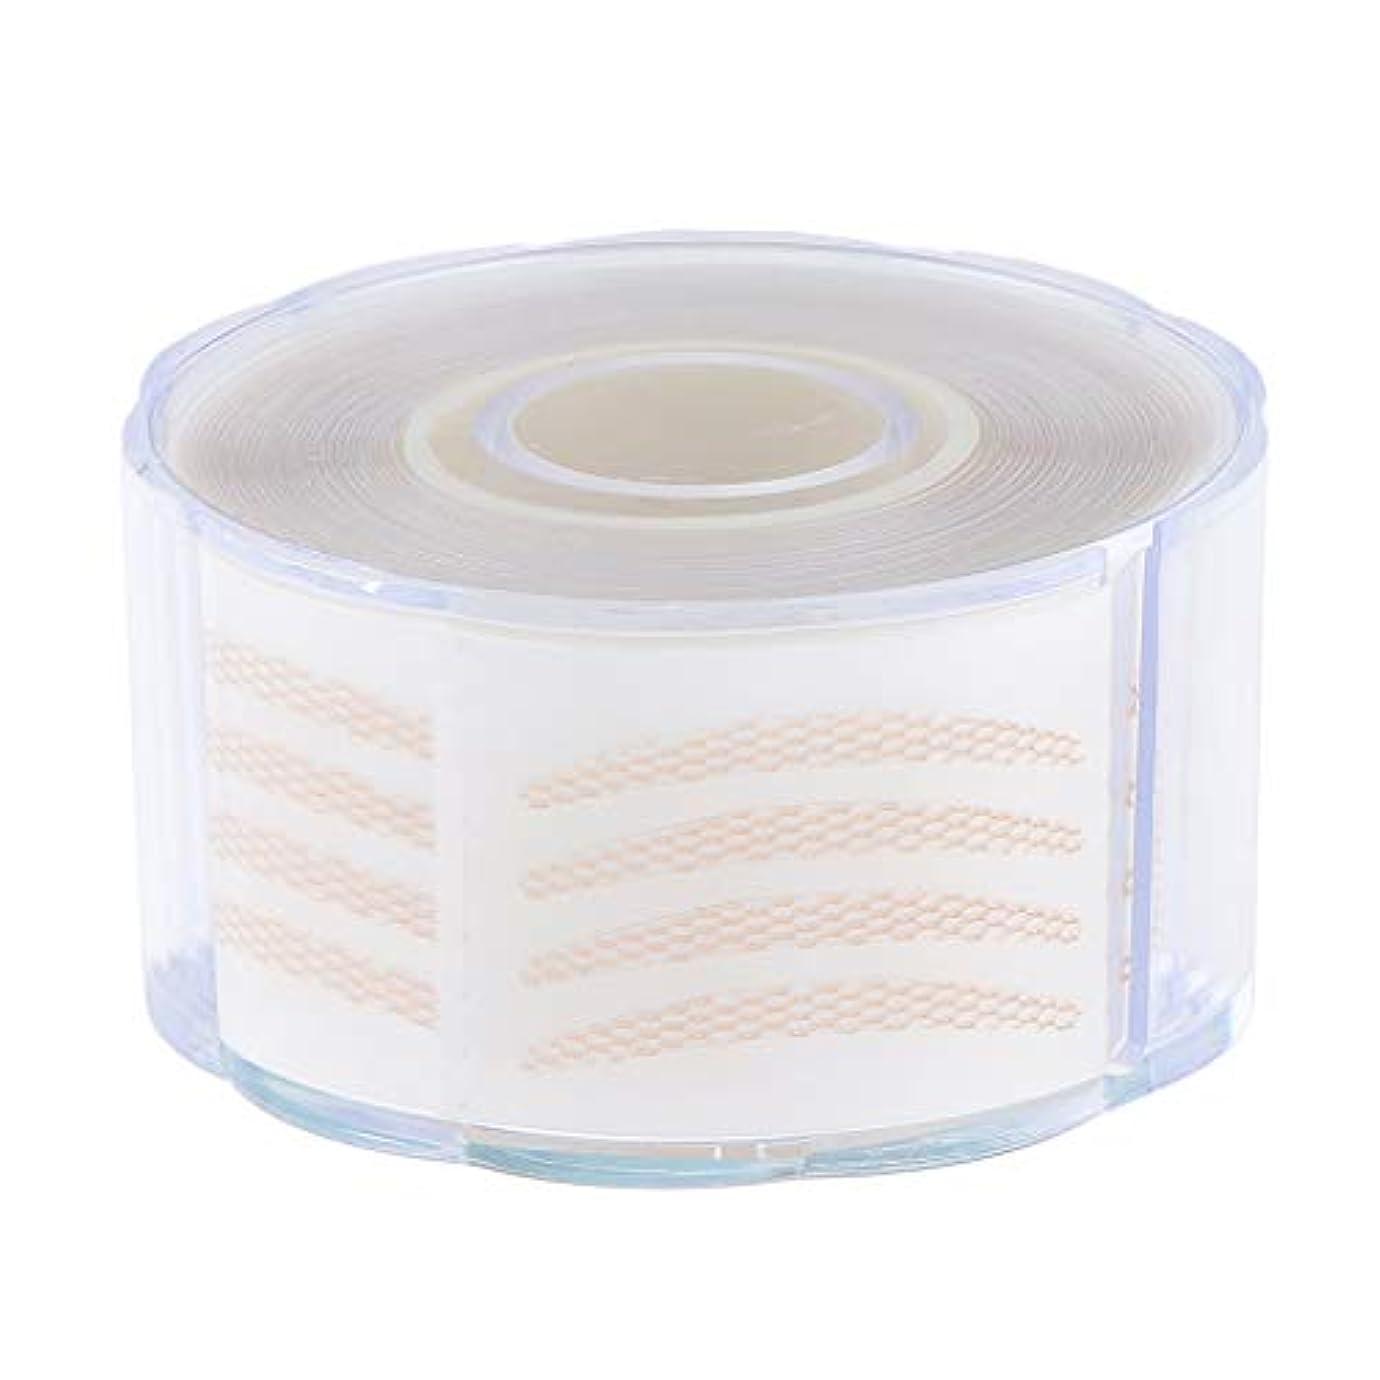 確認するミスペンド辞書二重まぶたテープ 約220ペア 見えない メイクアップ お化粧 3サイズ選べ - 2.5 x 0.2 cm